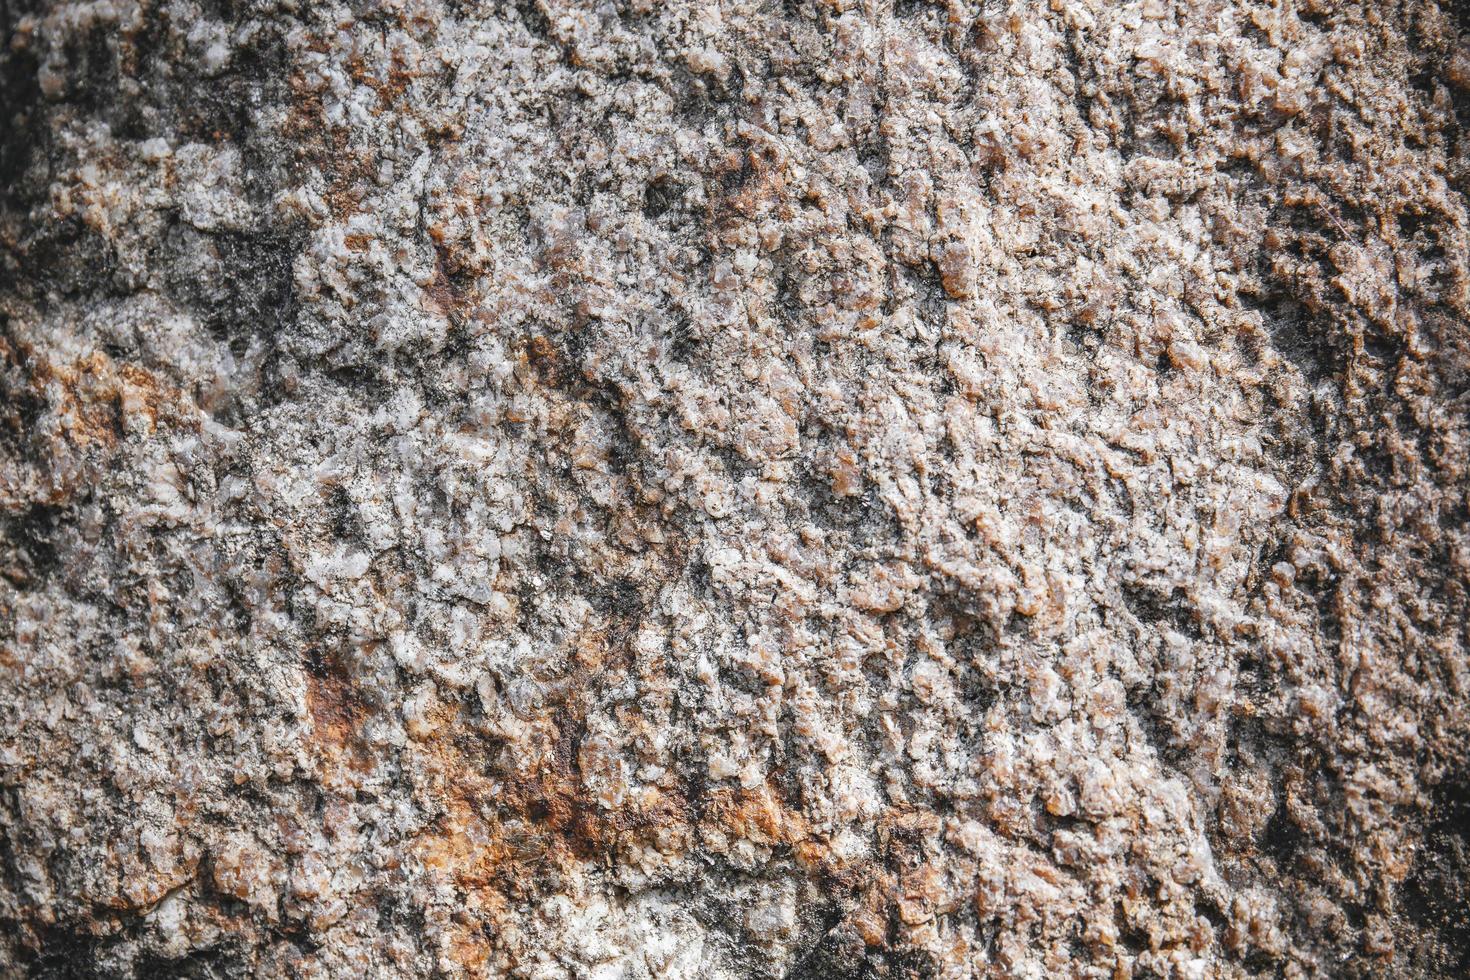 rústico y rugoso de textura de la superficie de piedra de color marrón oscuro. foto